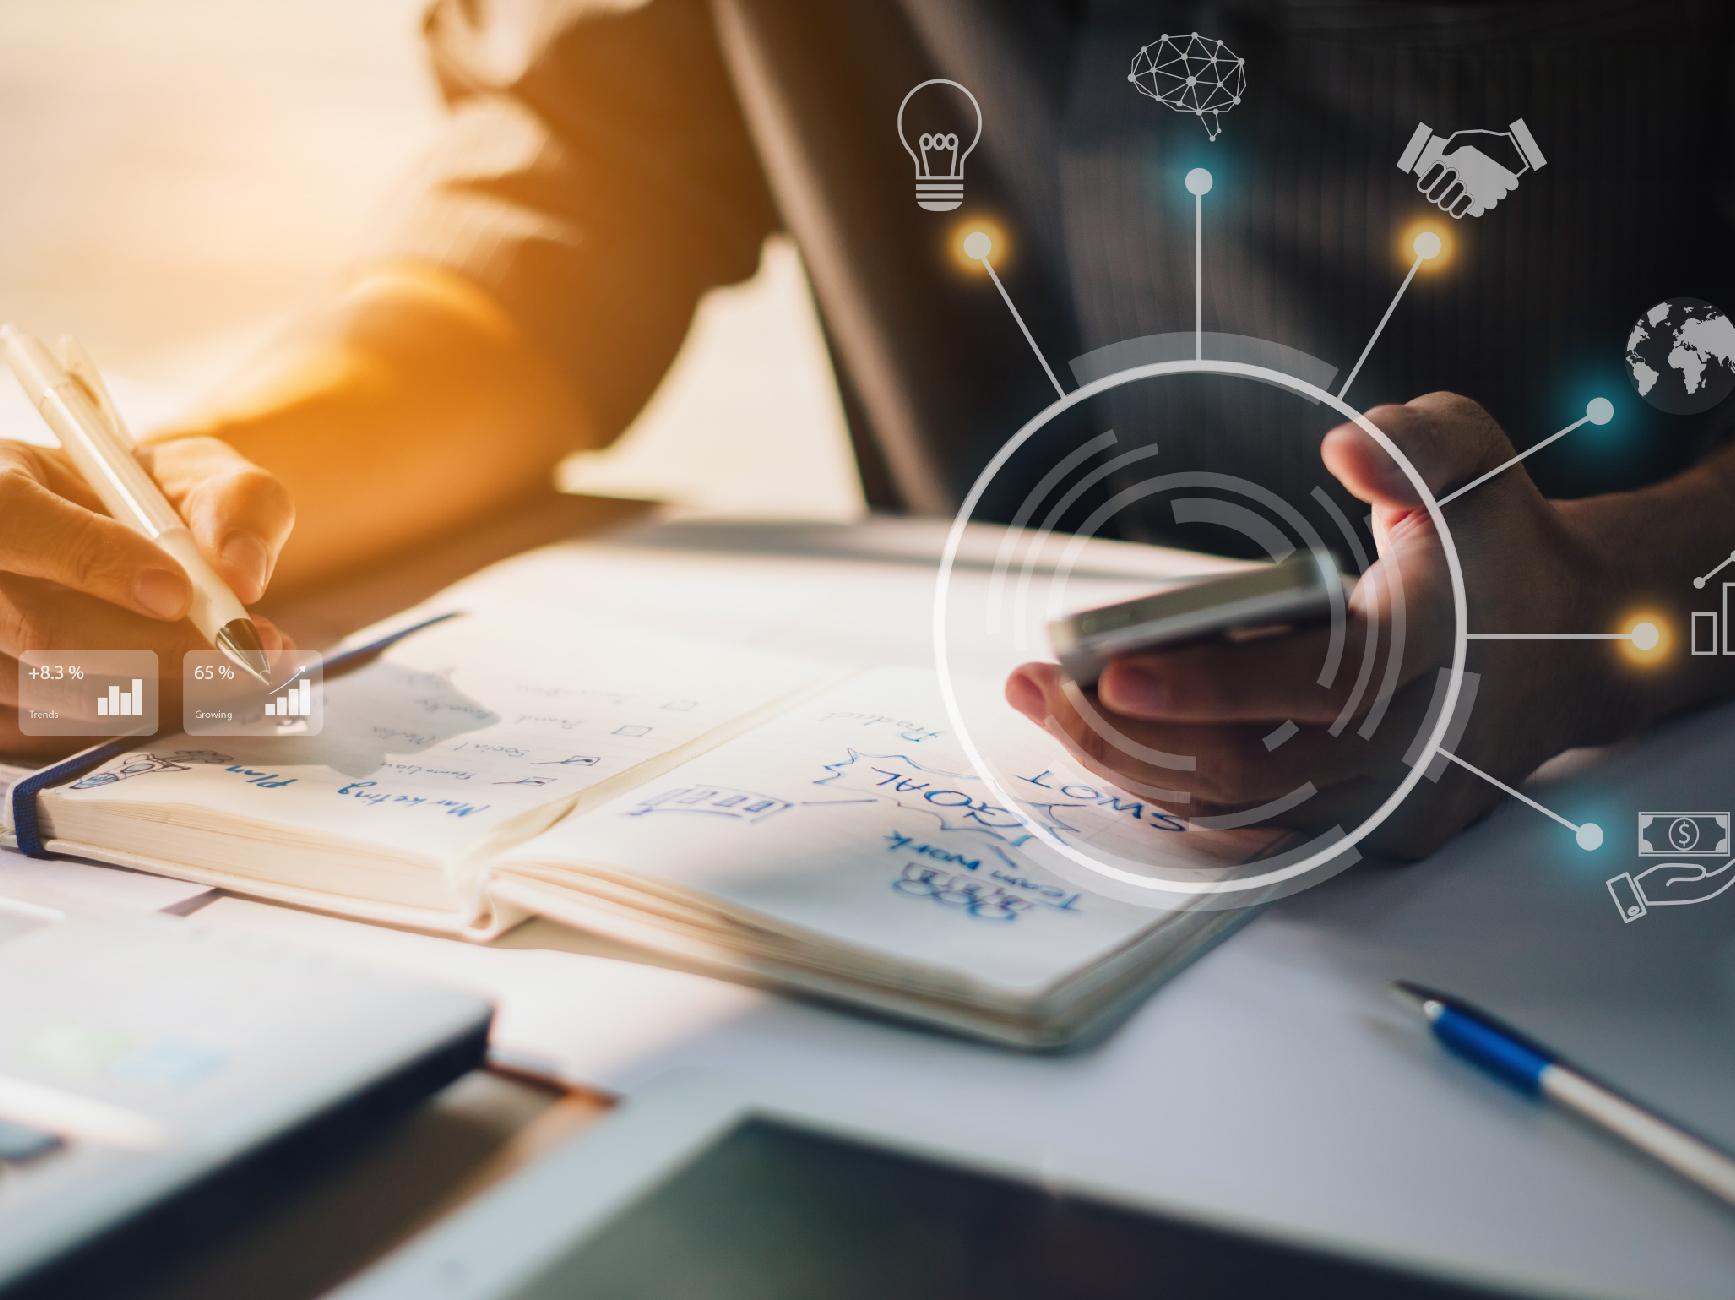 6 Ways Enterprises Can Prepare For CLM & Compliance Challenges